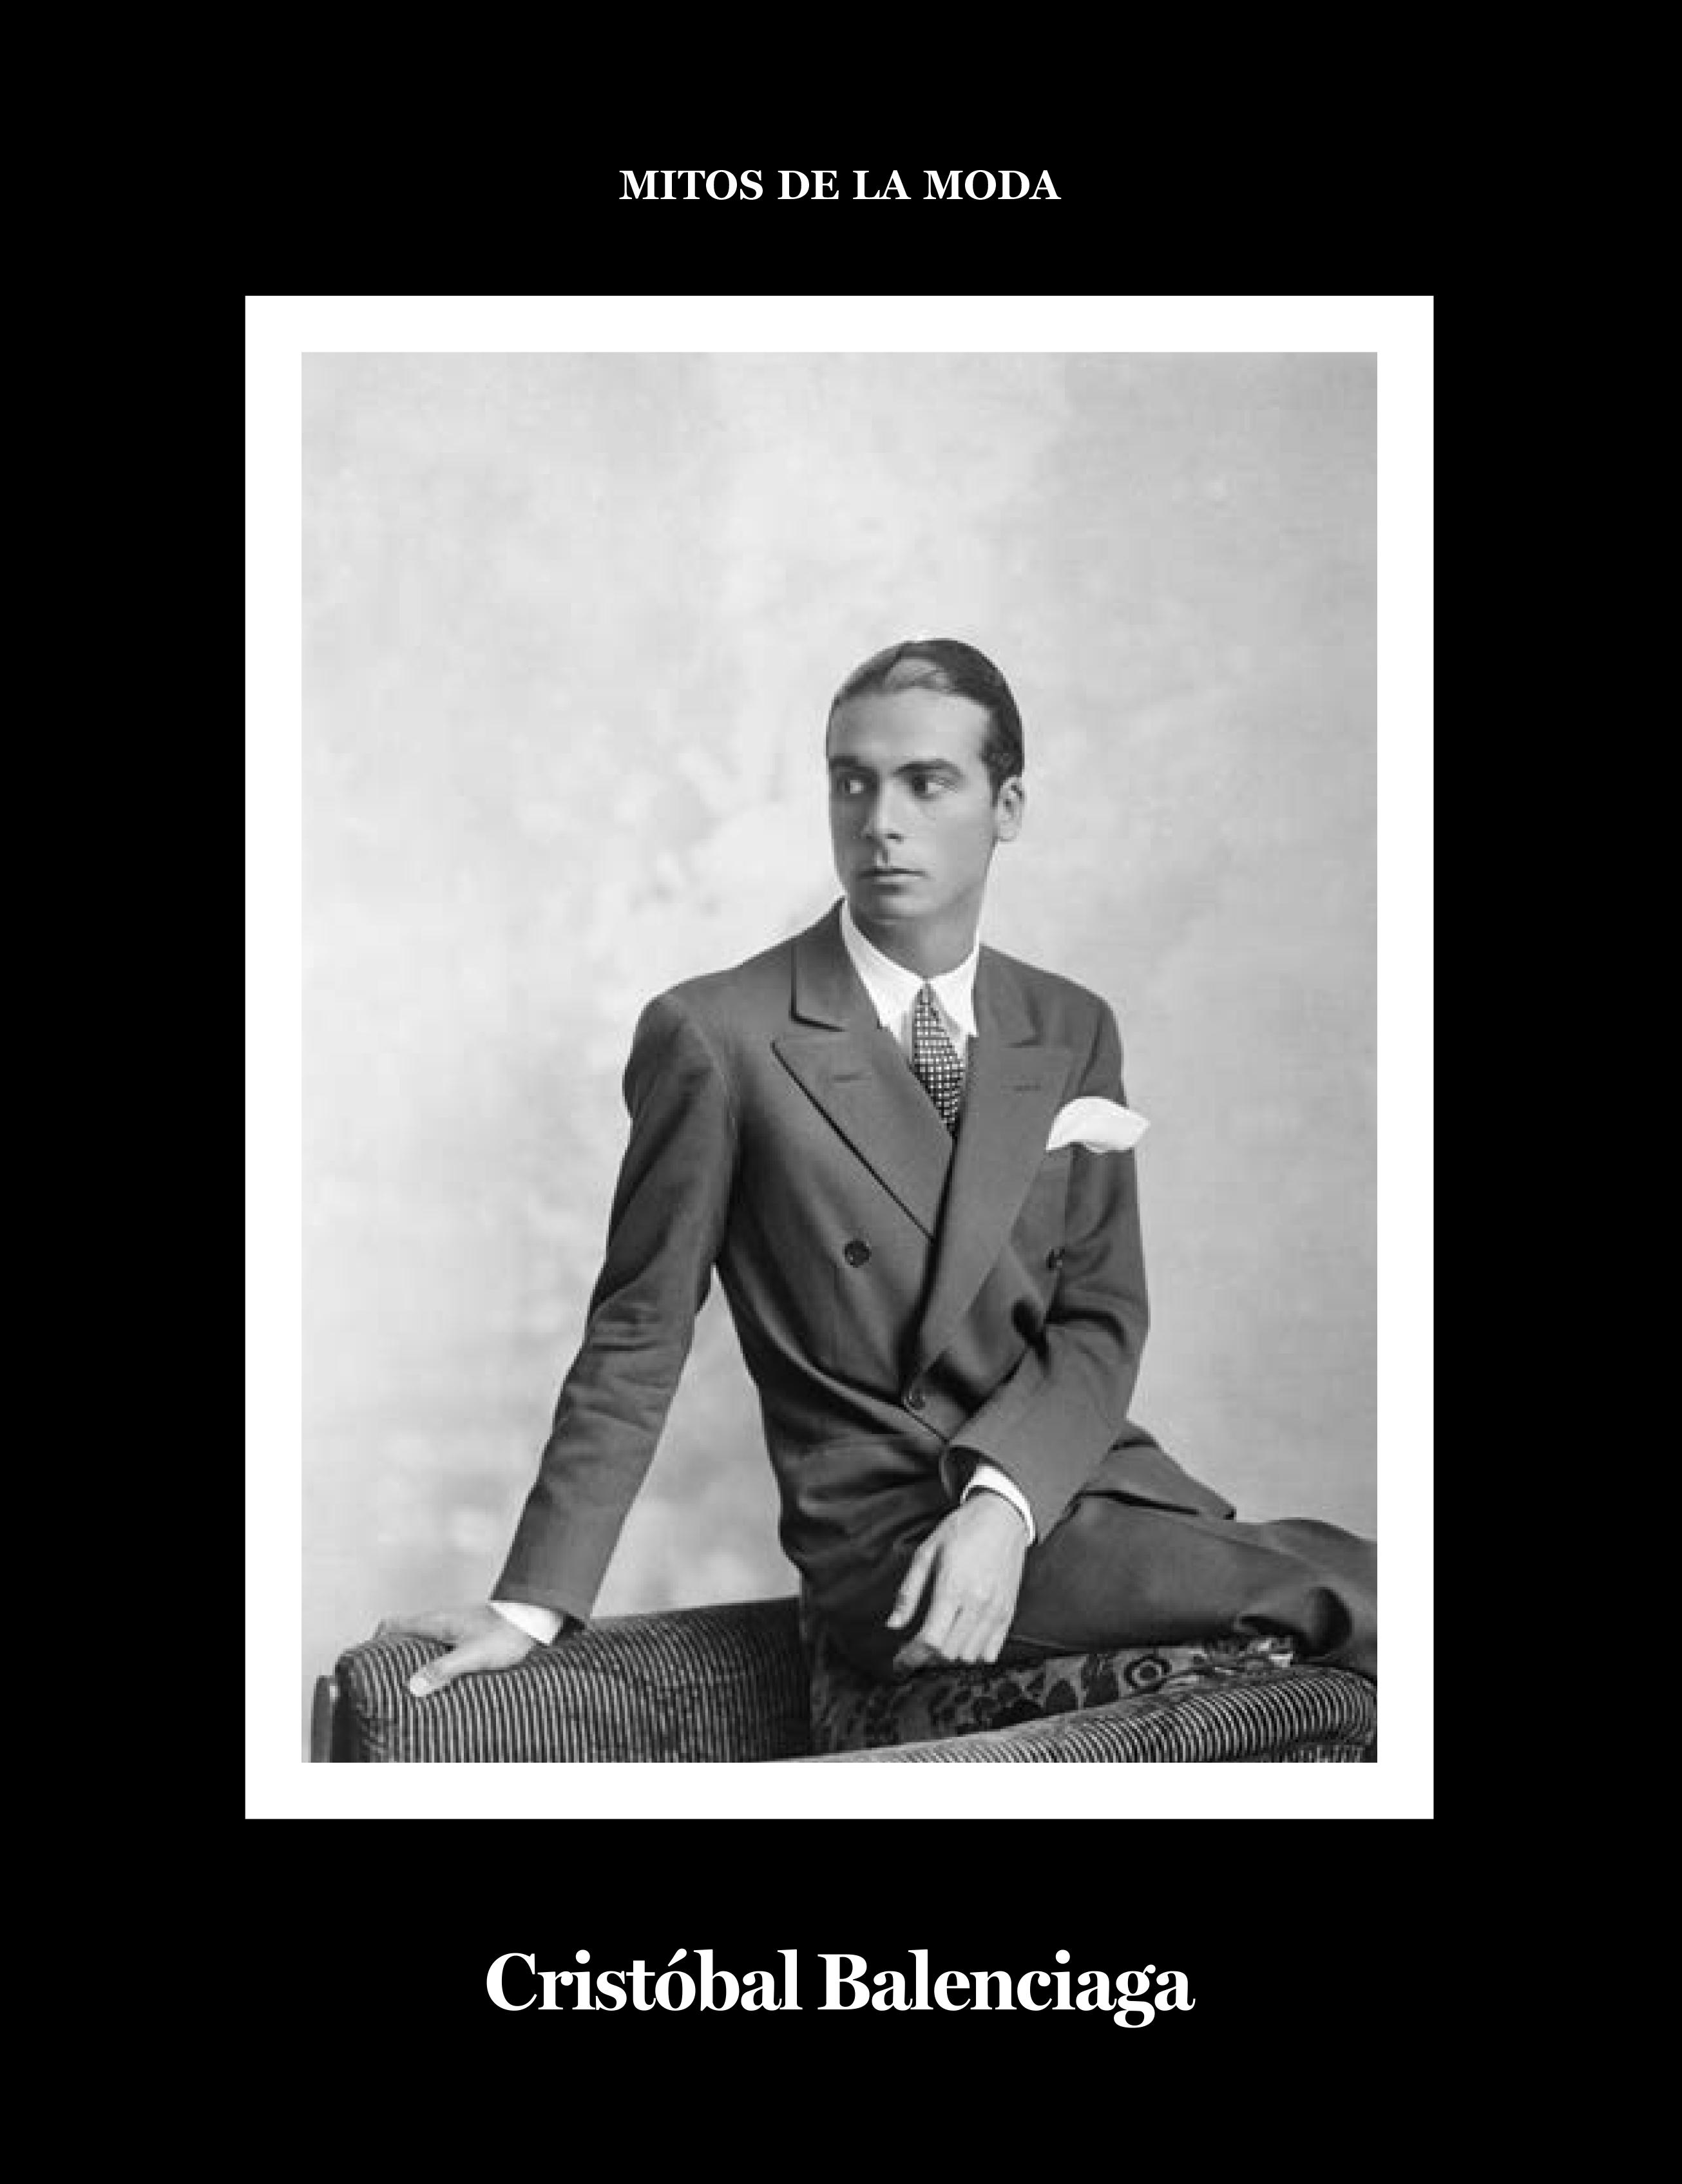 Cristóbal Balenciaga.   «Mitos de la moda.»